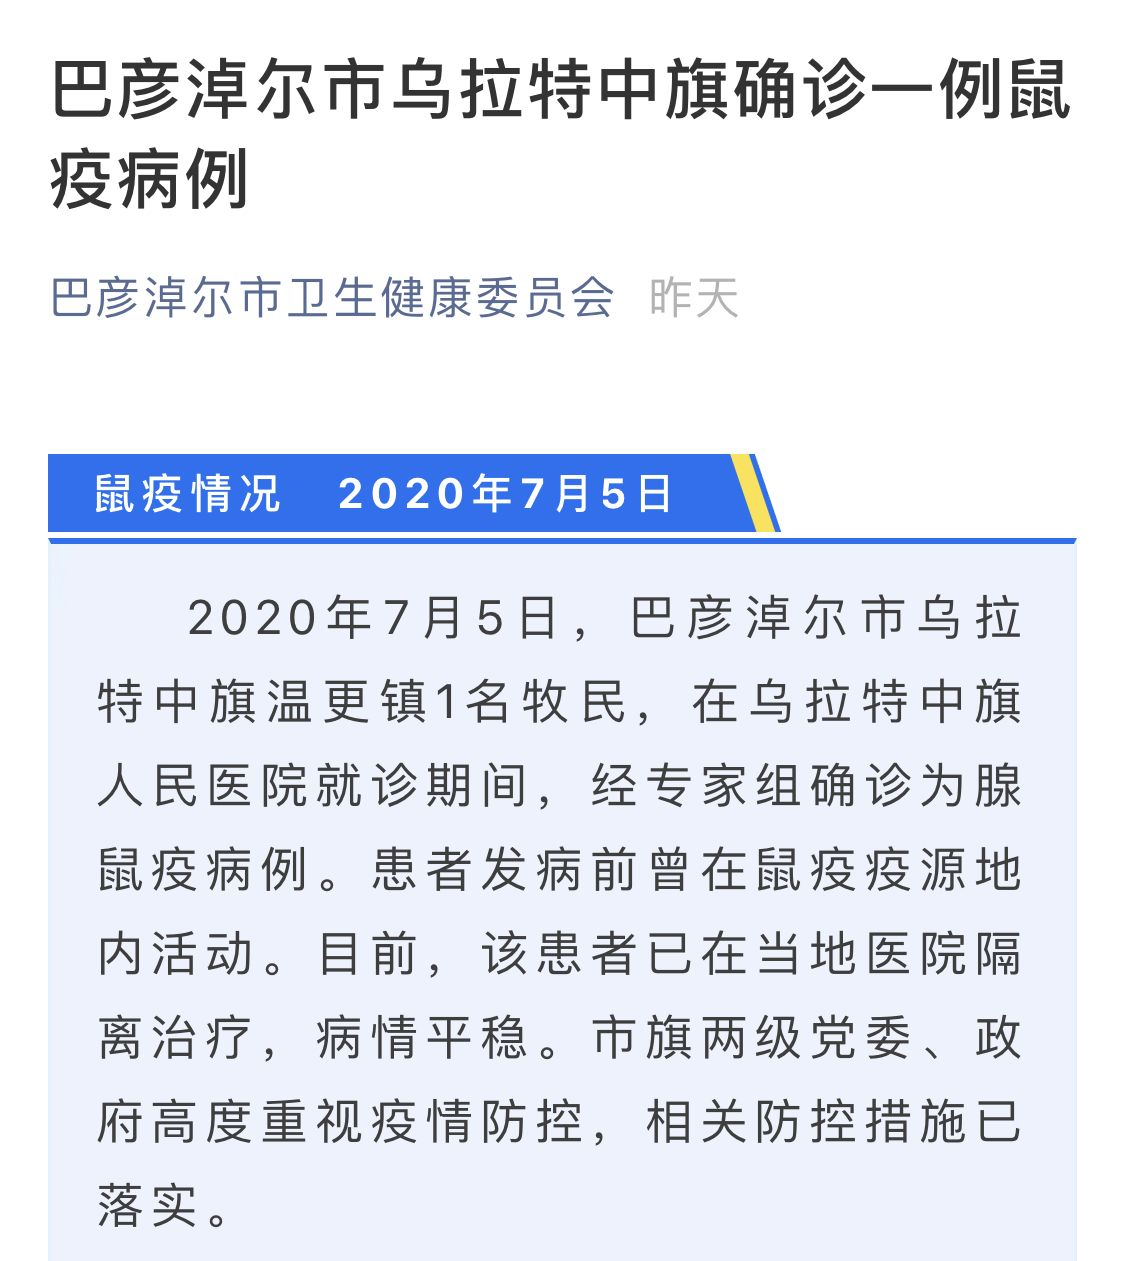 【86中文网】_巴彦淖尔鼠疫患者病情稳定 当地进入预警期持续到年底